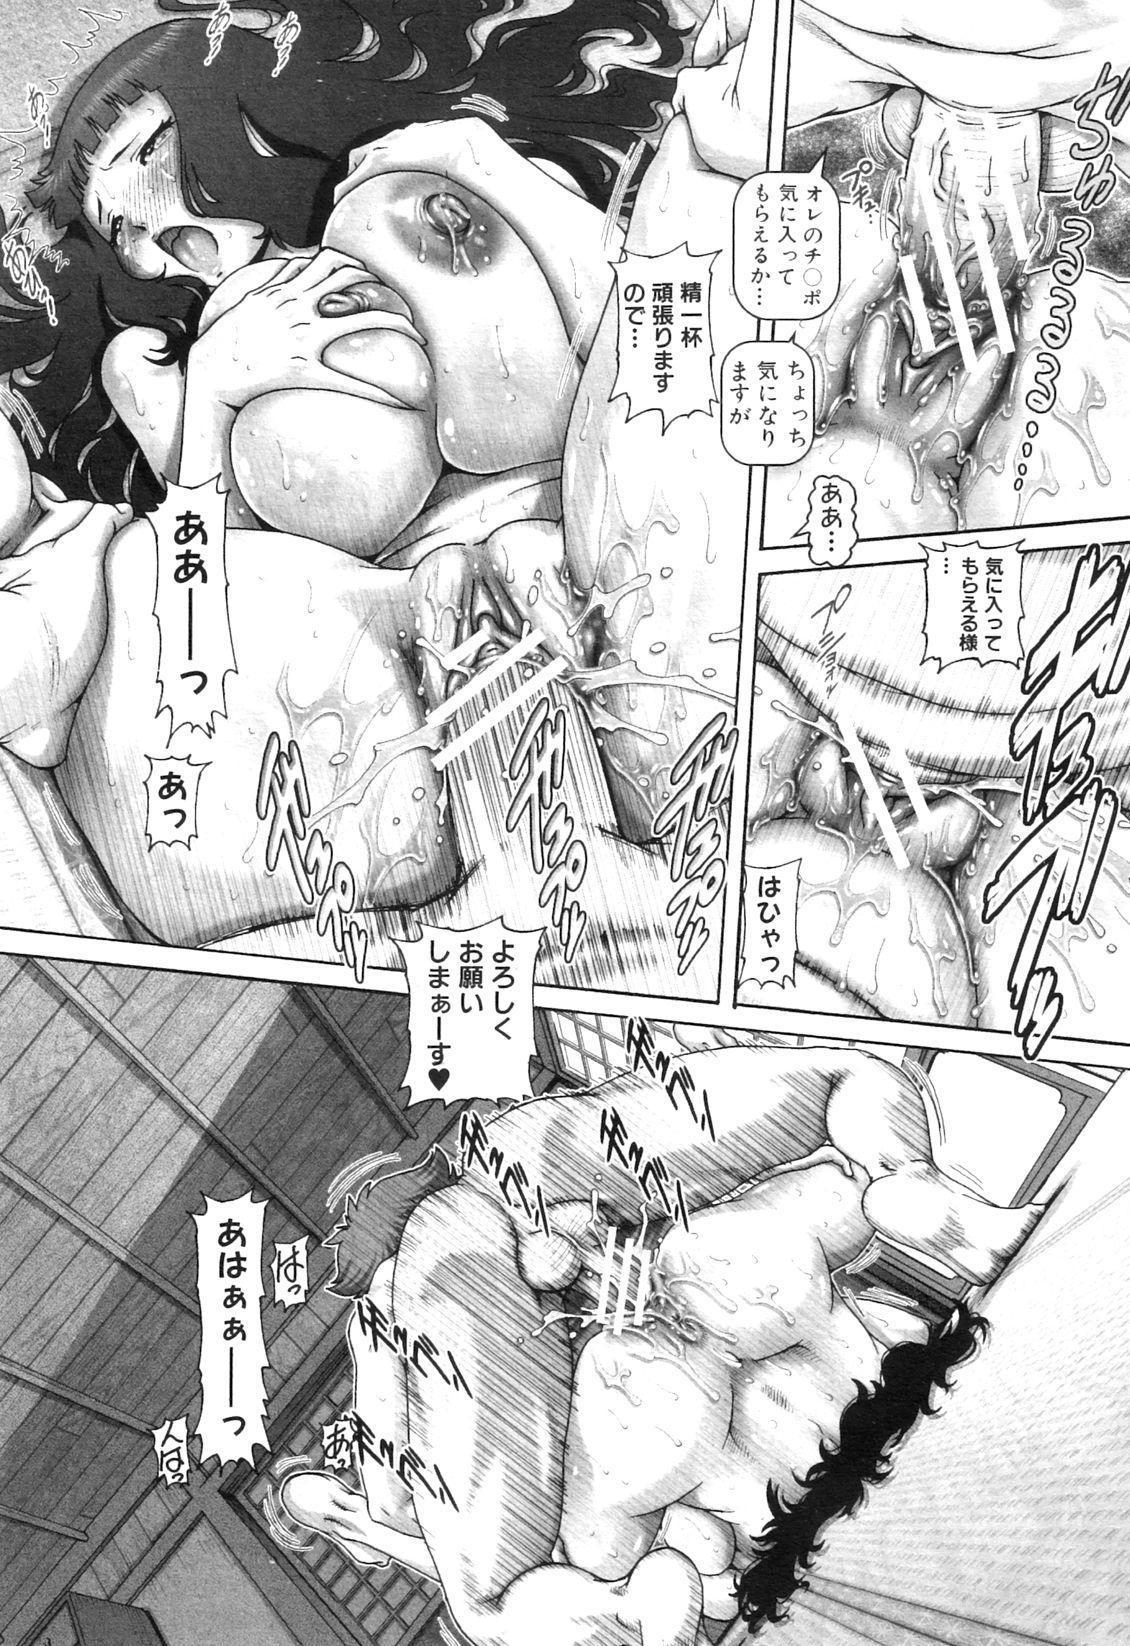 Ayakashiyakata no Tamahime 21